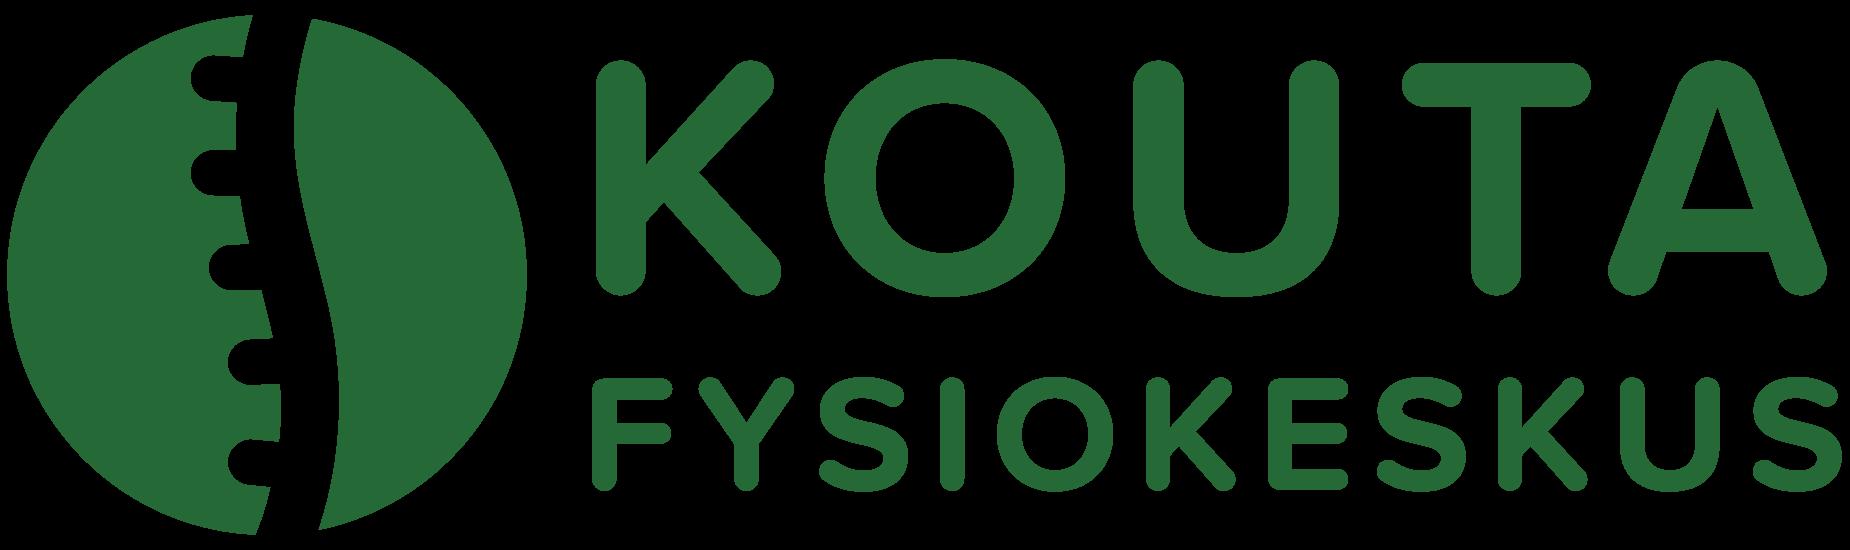 Fysiokeskus Kouta